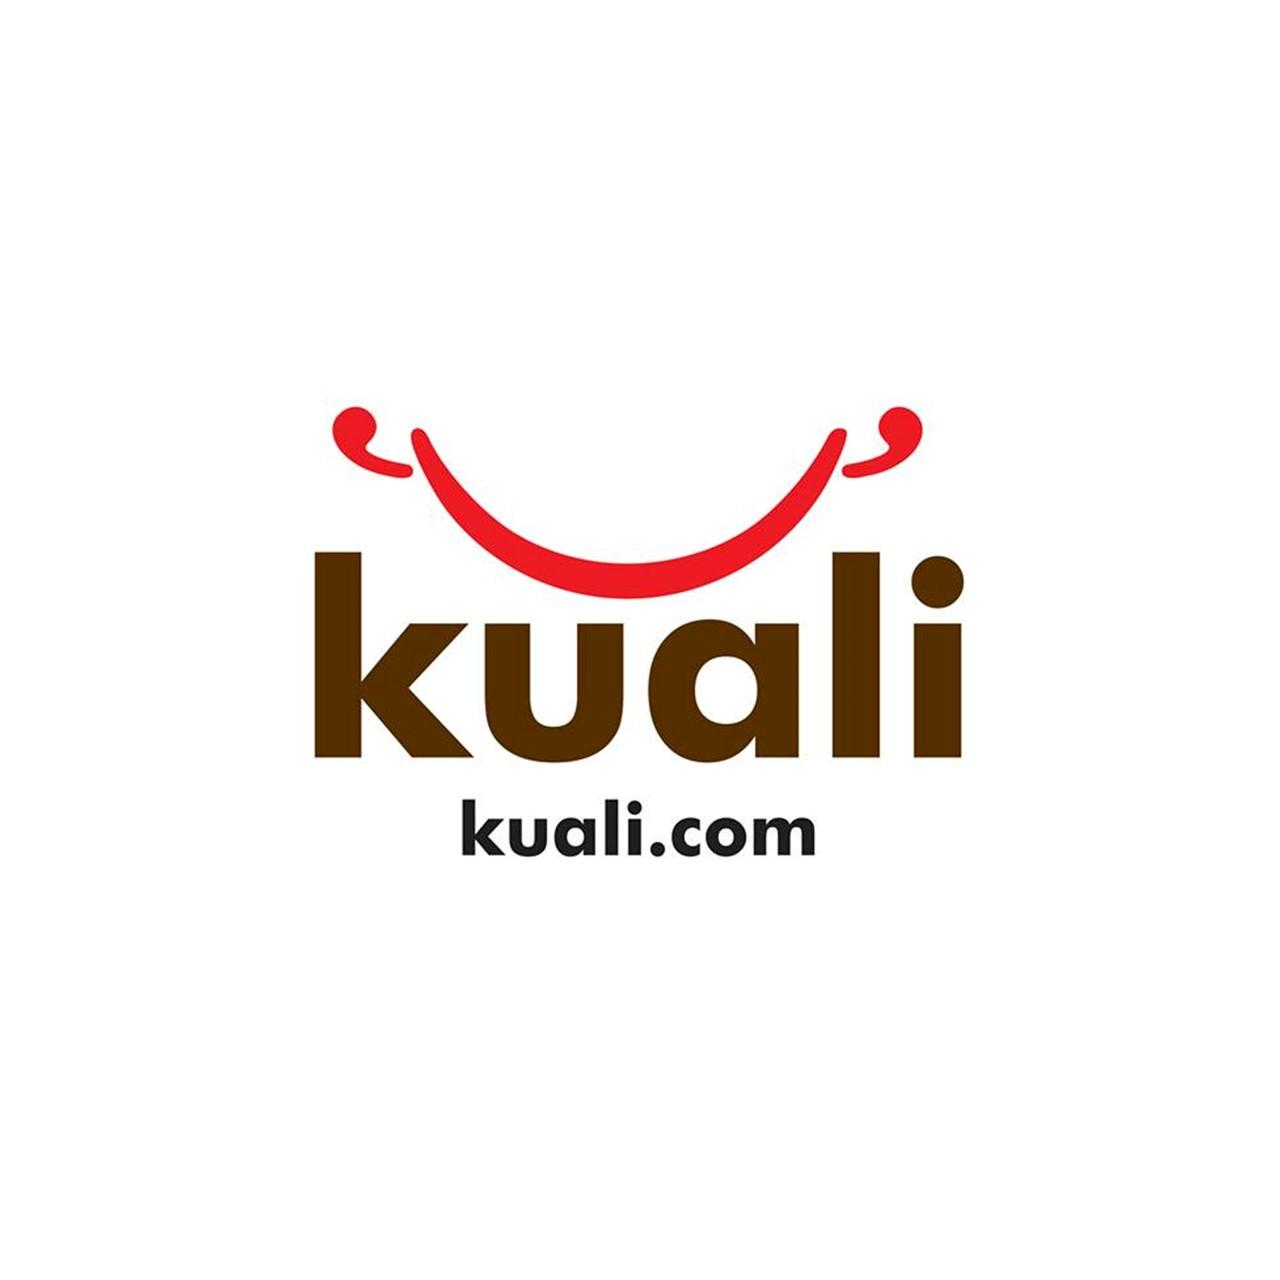 Kuali